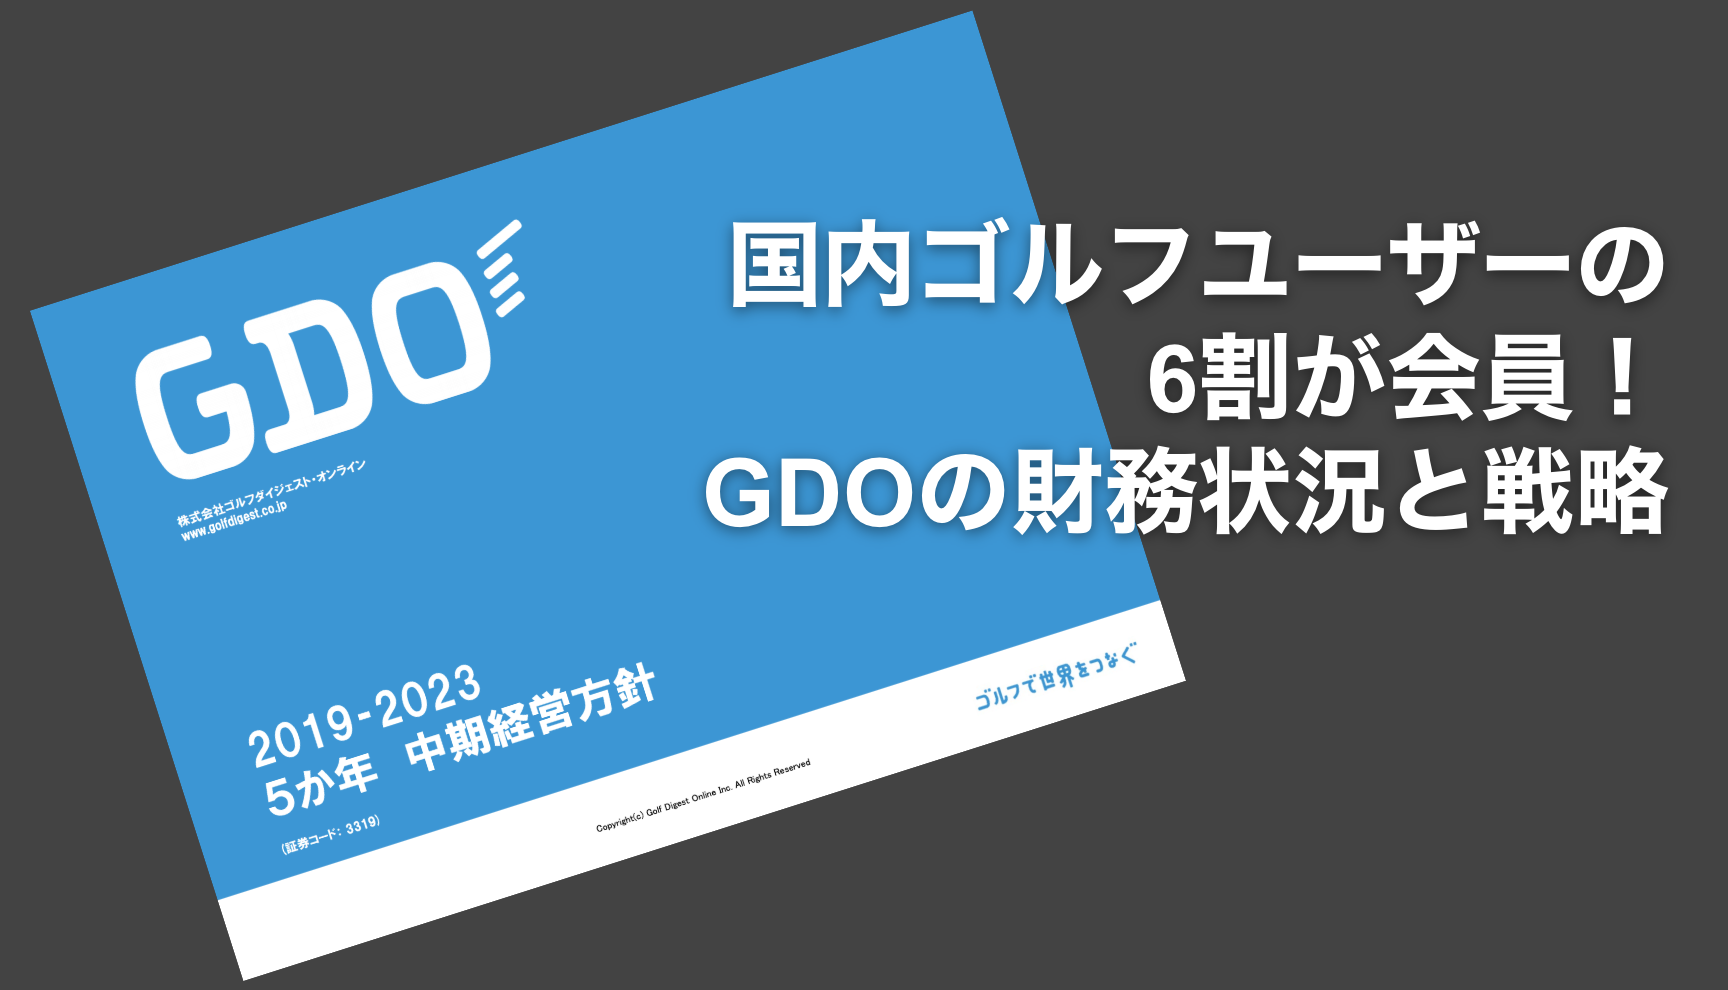 おすすめゴルフアプリドットコム_GDOの財務状況と戦略